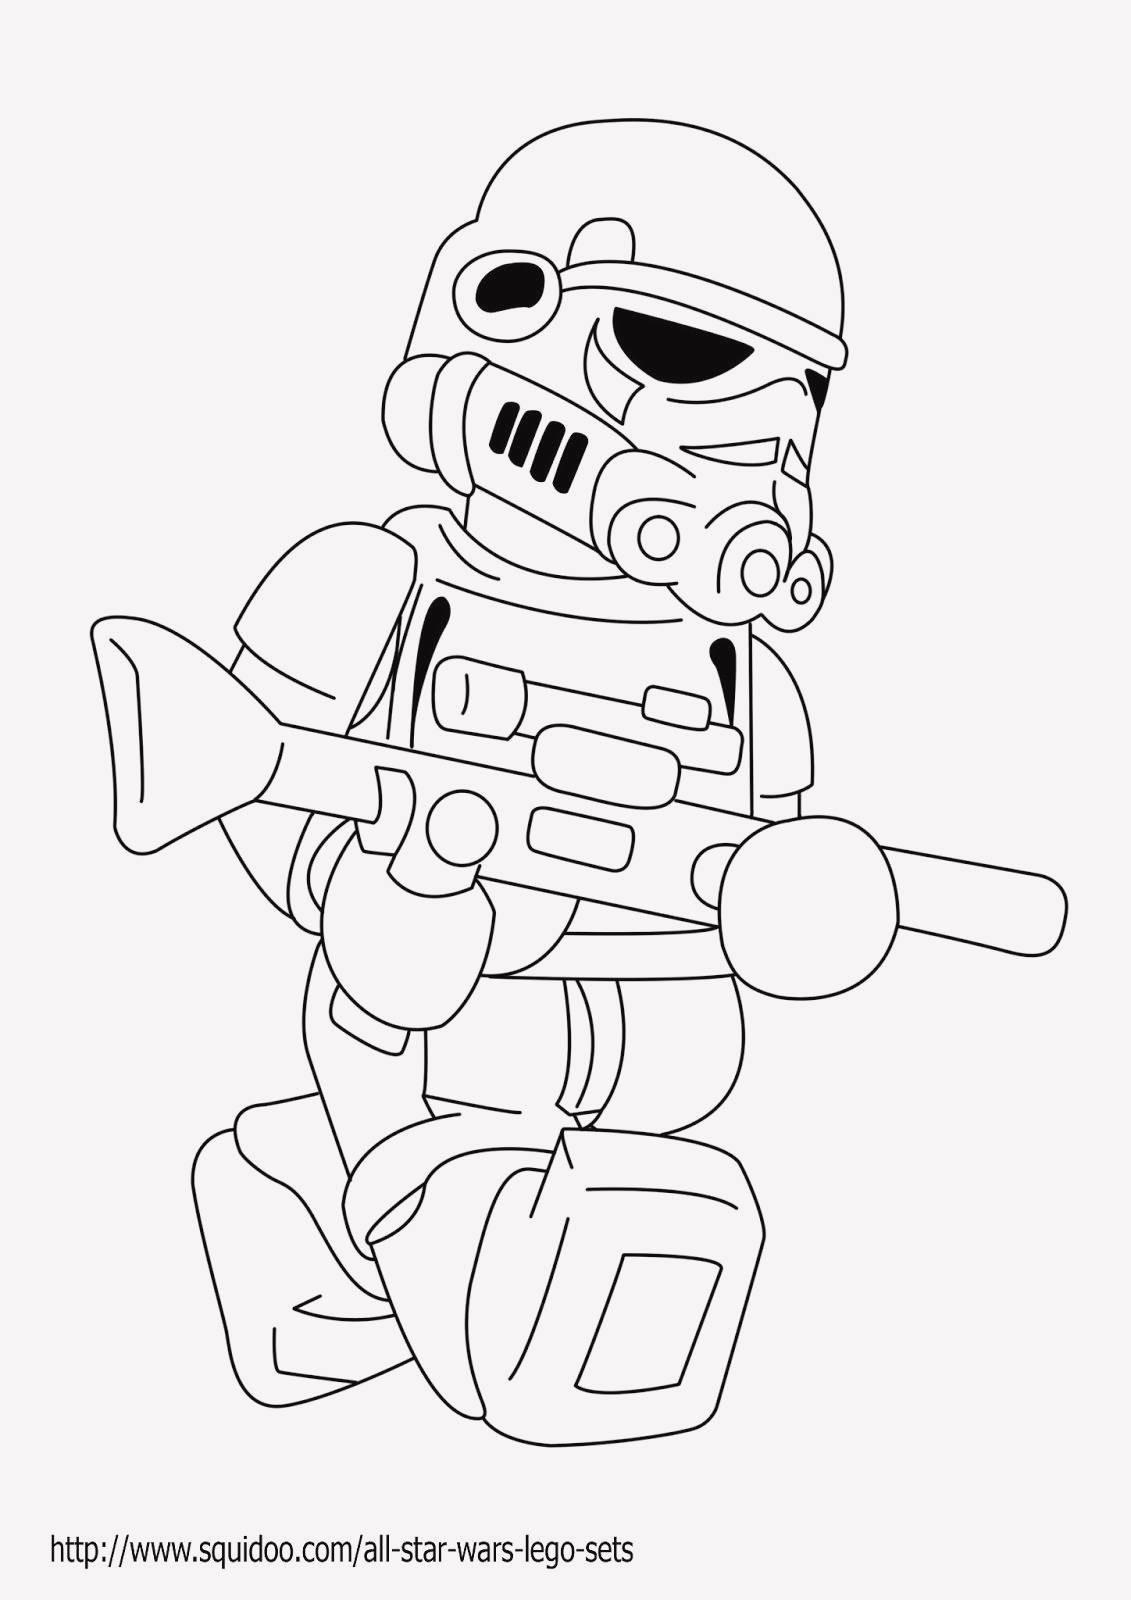 Star Wars Ausmalbilder Zum Ausdrucken Neu 25 Druckbar Lego Star Wars Ausmalbilder Zum Drucken Fotografieren